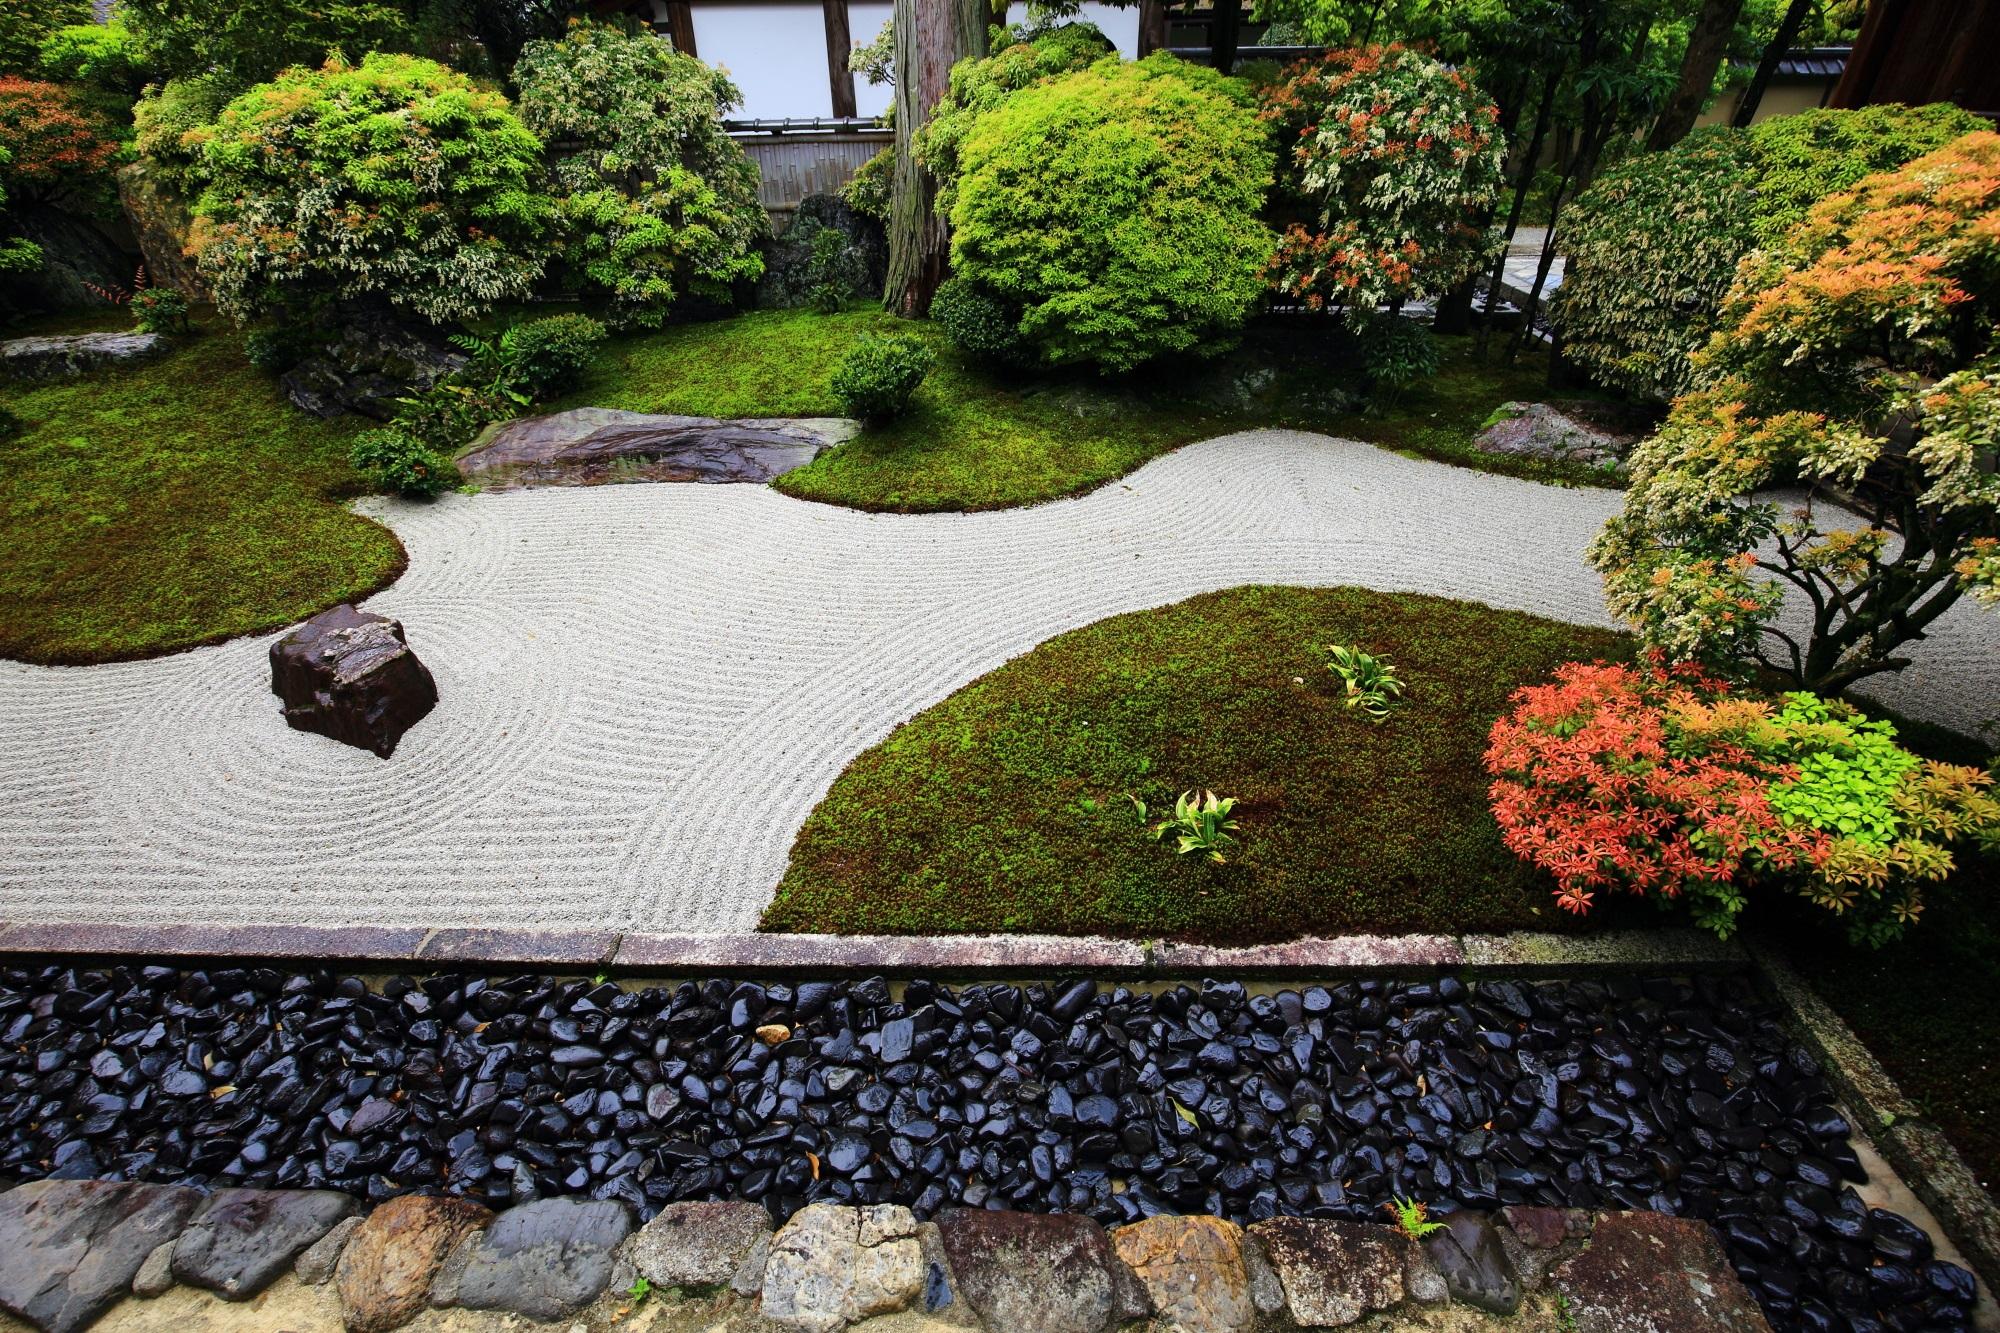 目を引く大心院の阿吽庭の緩やかな曲線を描いた苔と流れる砂の文様